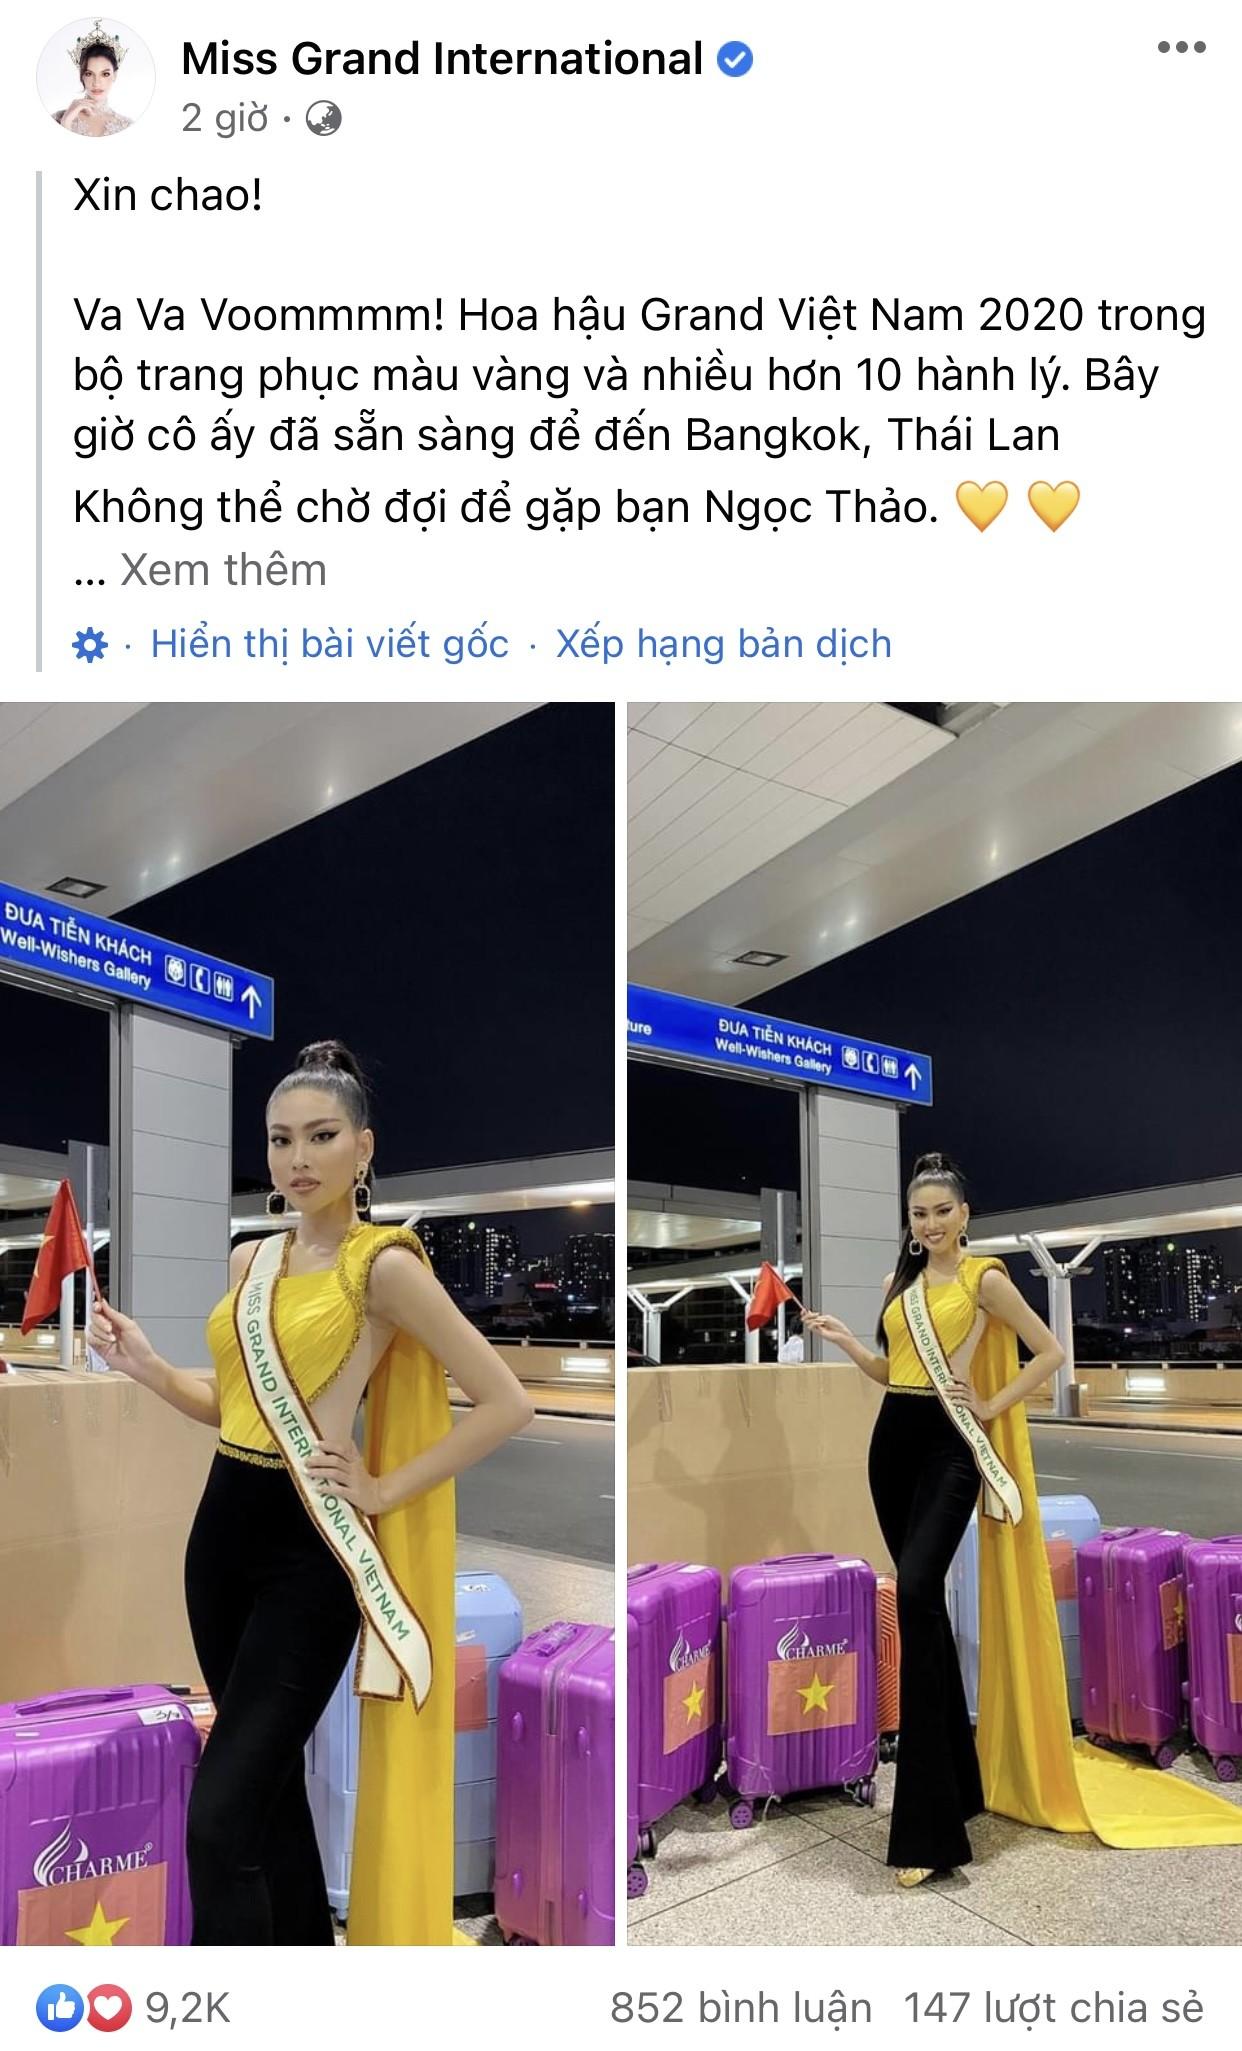 Mặc màu vàng 'phong thuỷ' ra sân bay sang Thái Lan, Á hậu Ngọc Thảo gây 'bão like' trên trang chủ Miss Grand ảnh 3